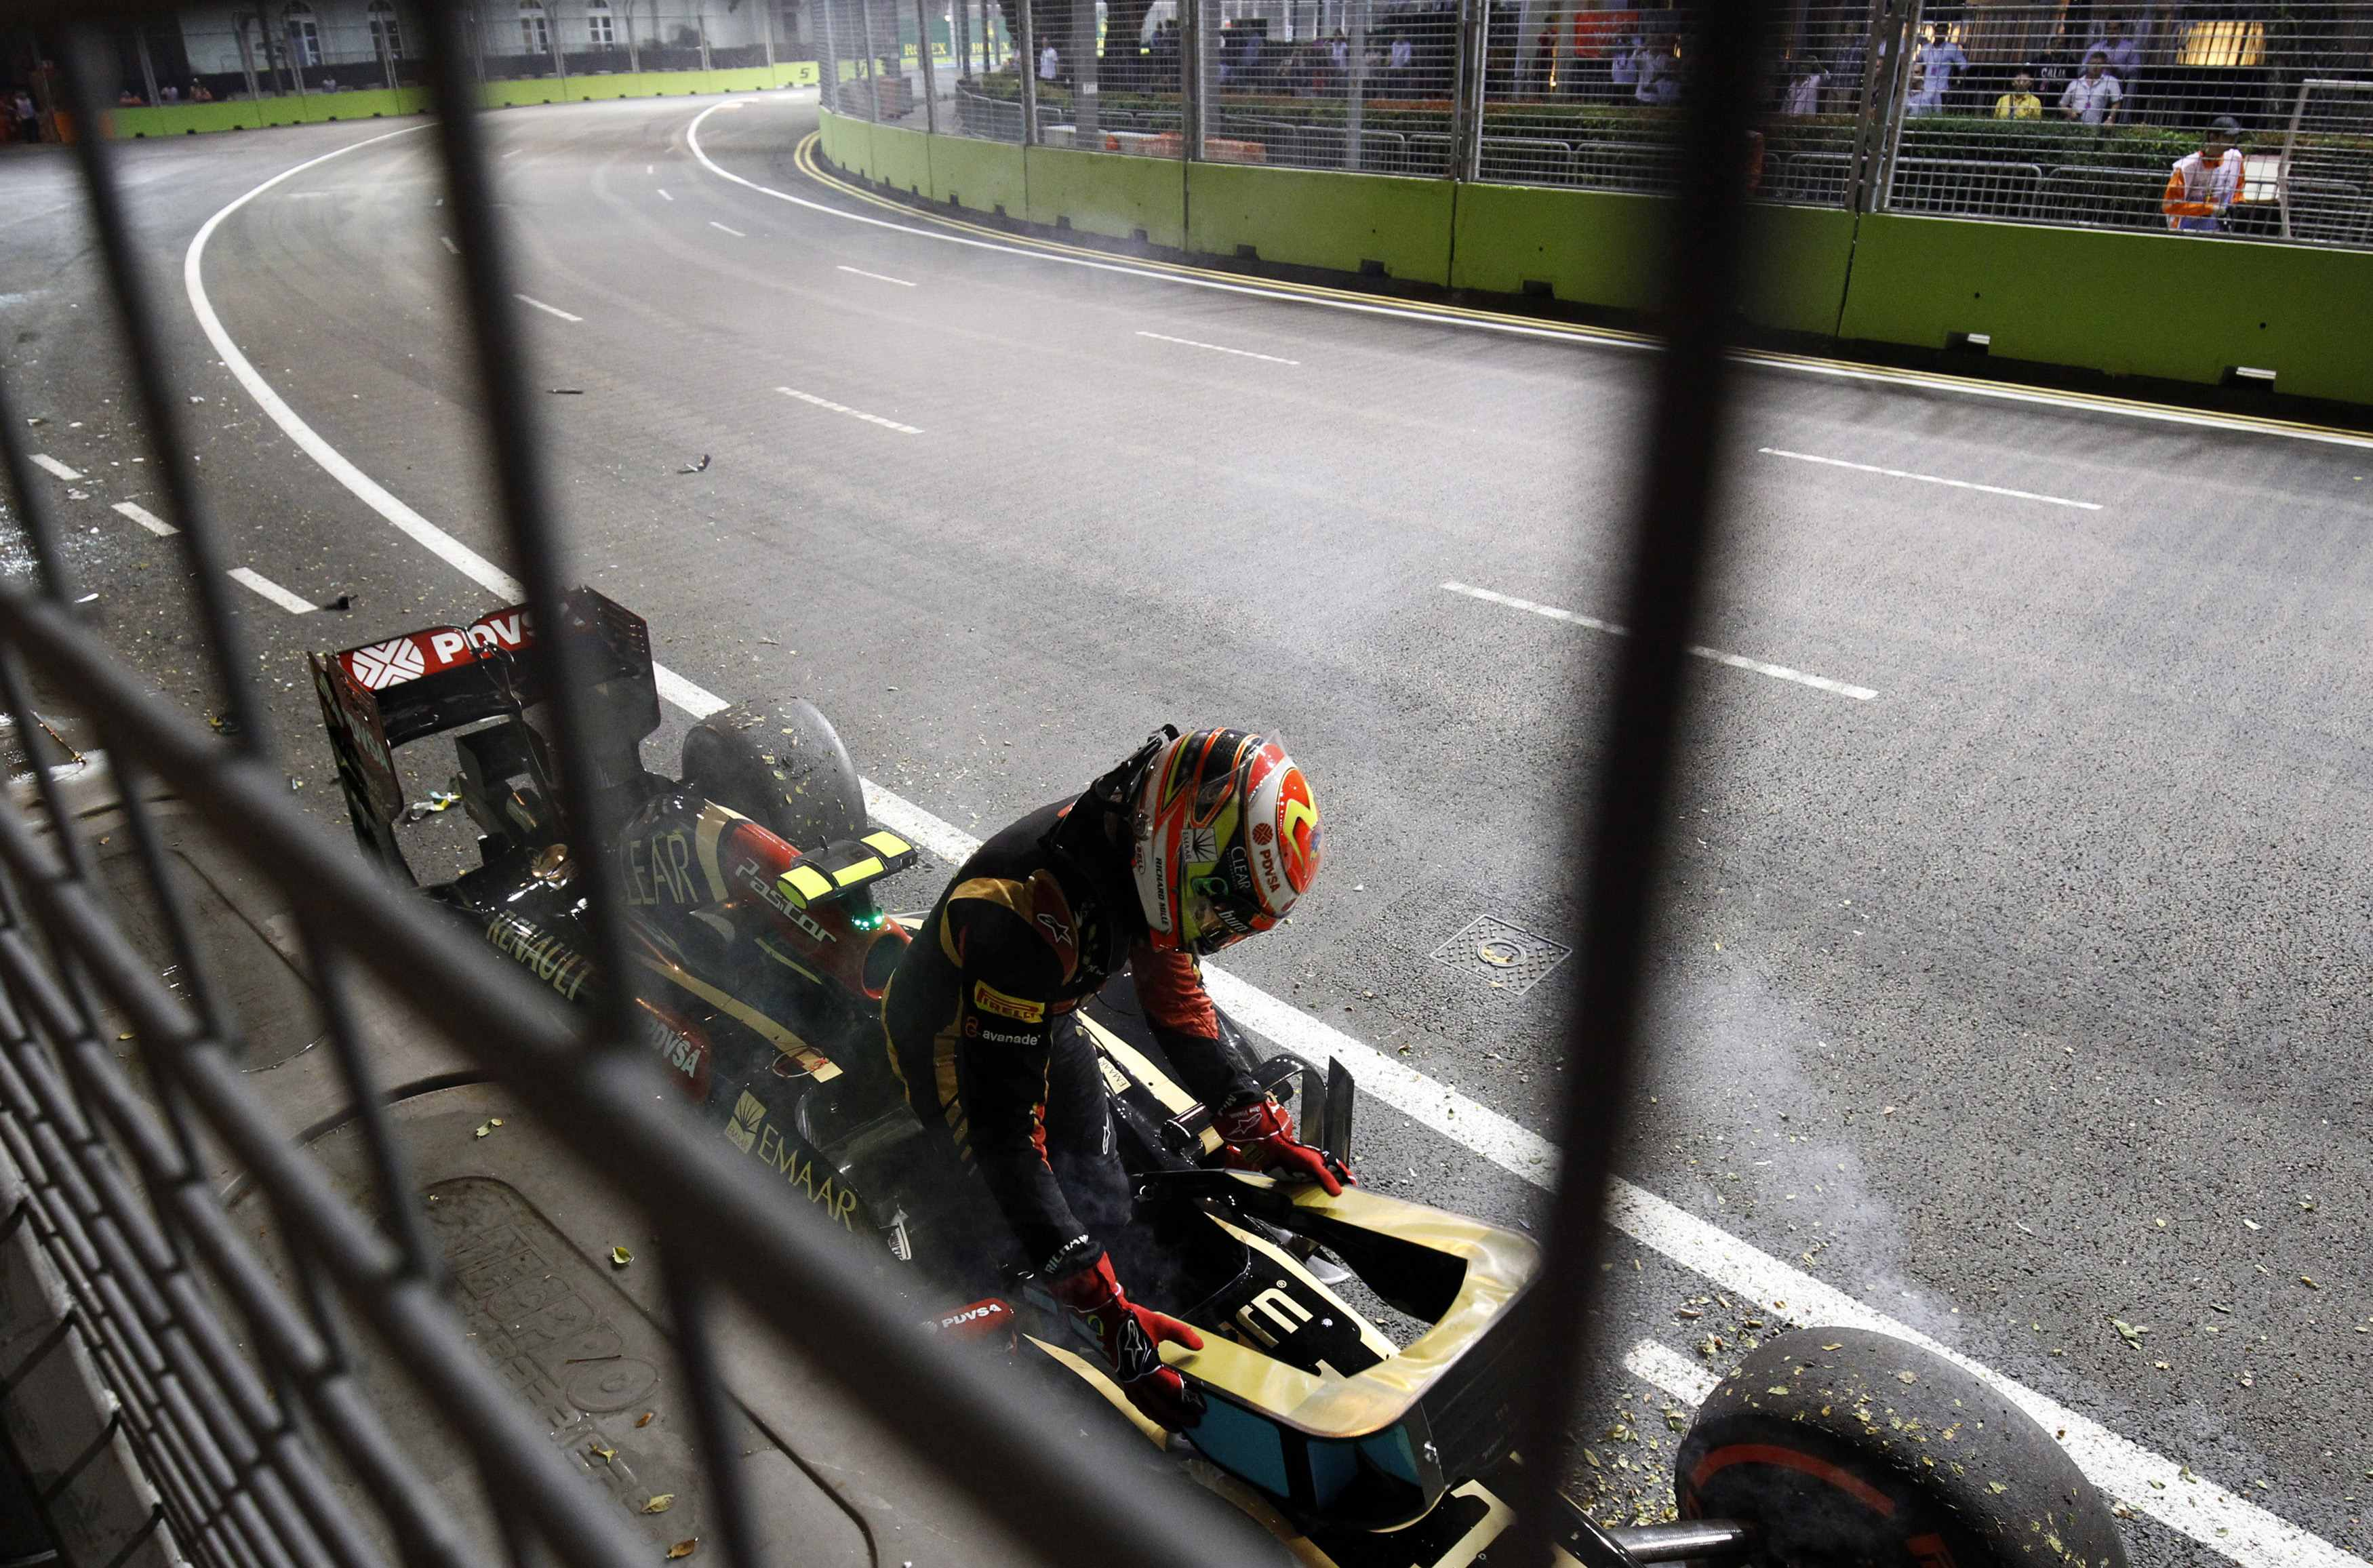 Circuito Singapur : Otra vez pastor maldonado choca en la práctica del circuito en